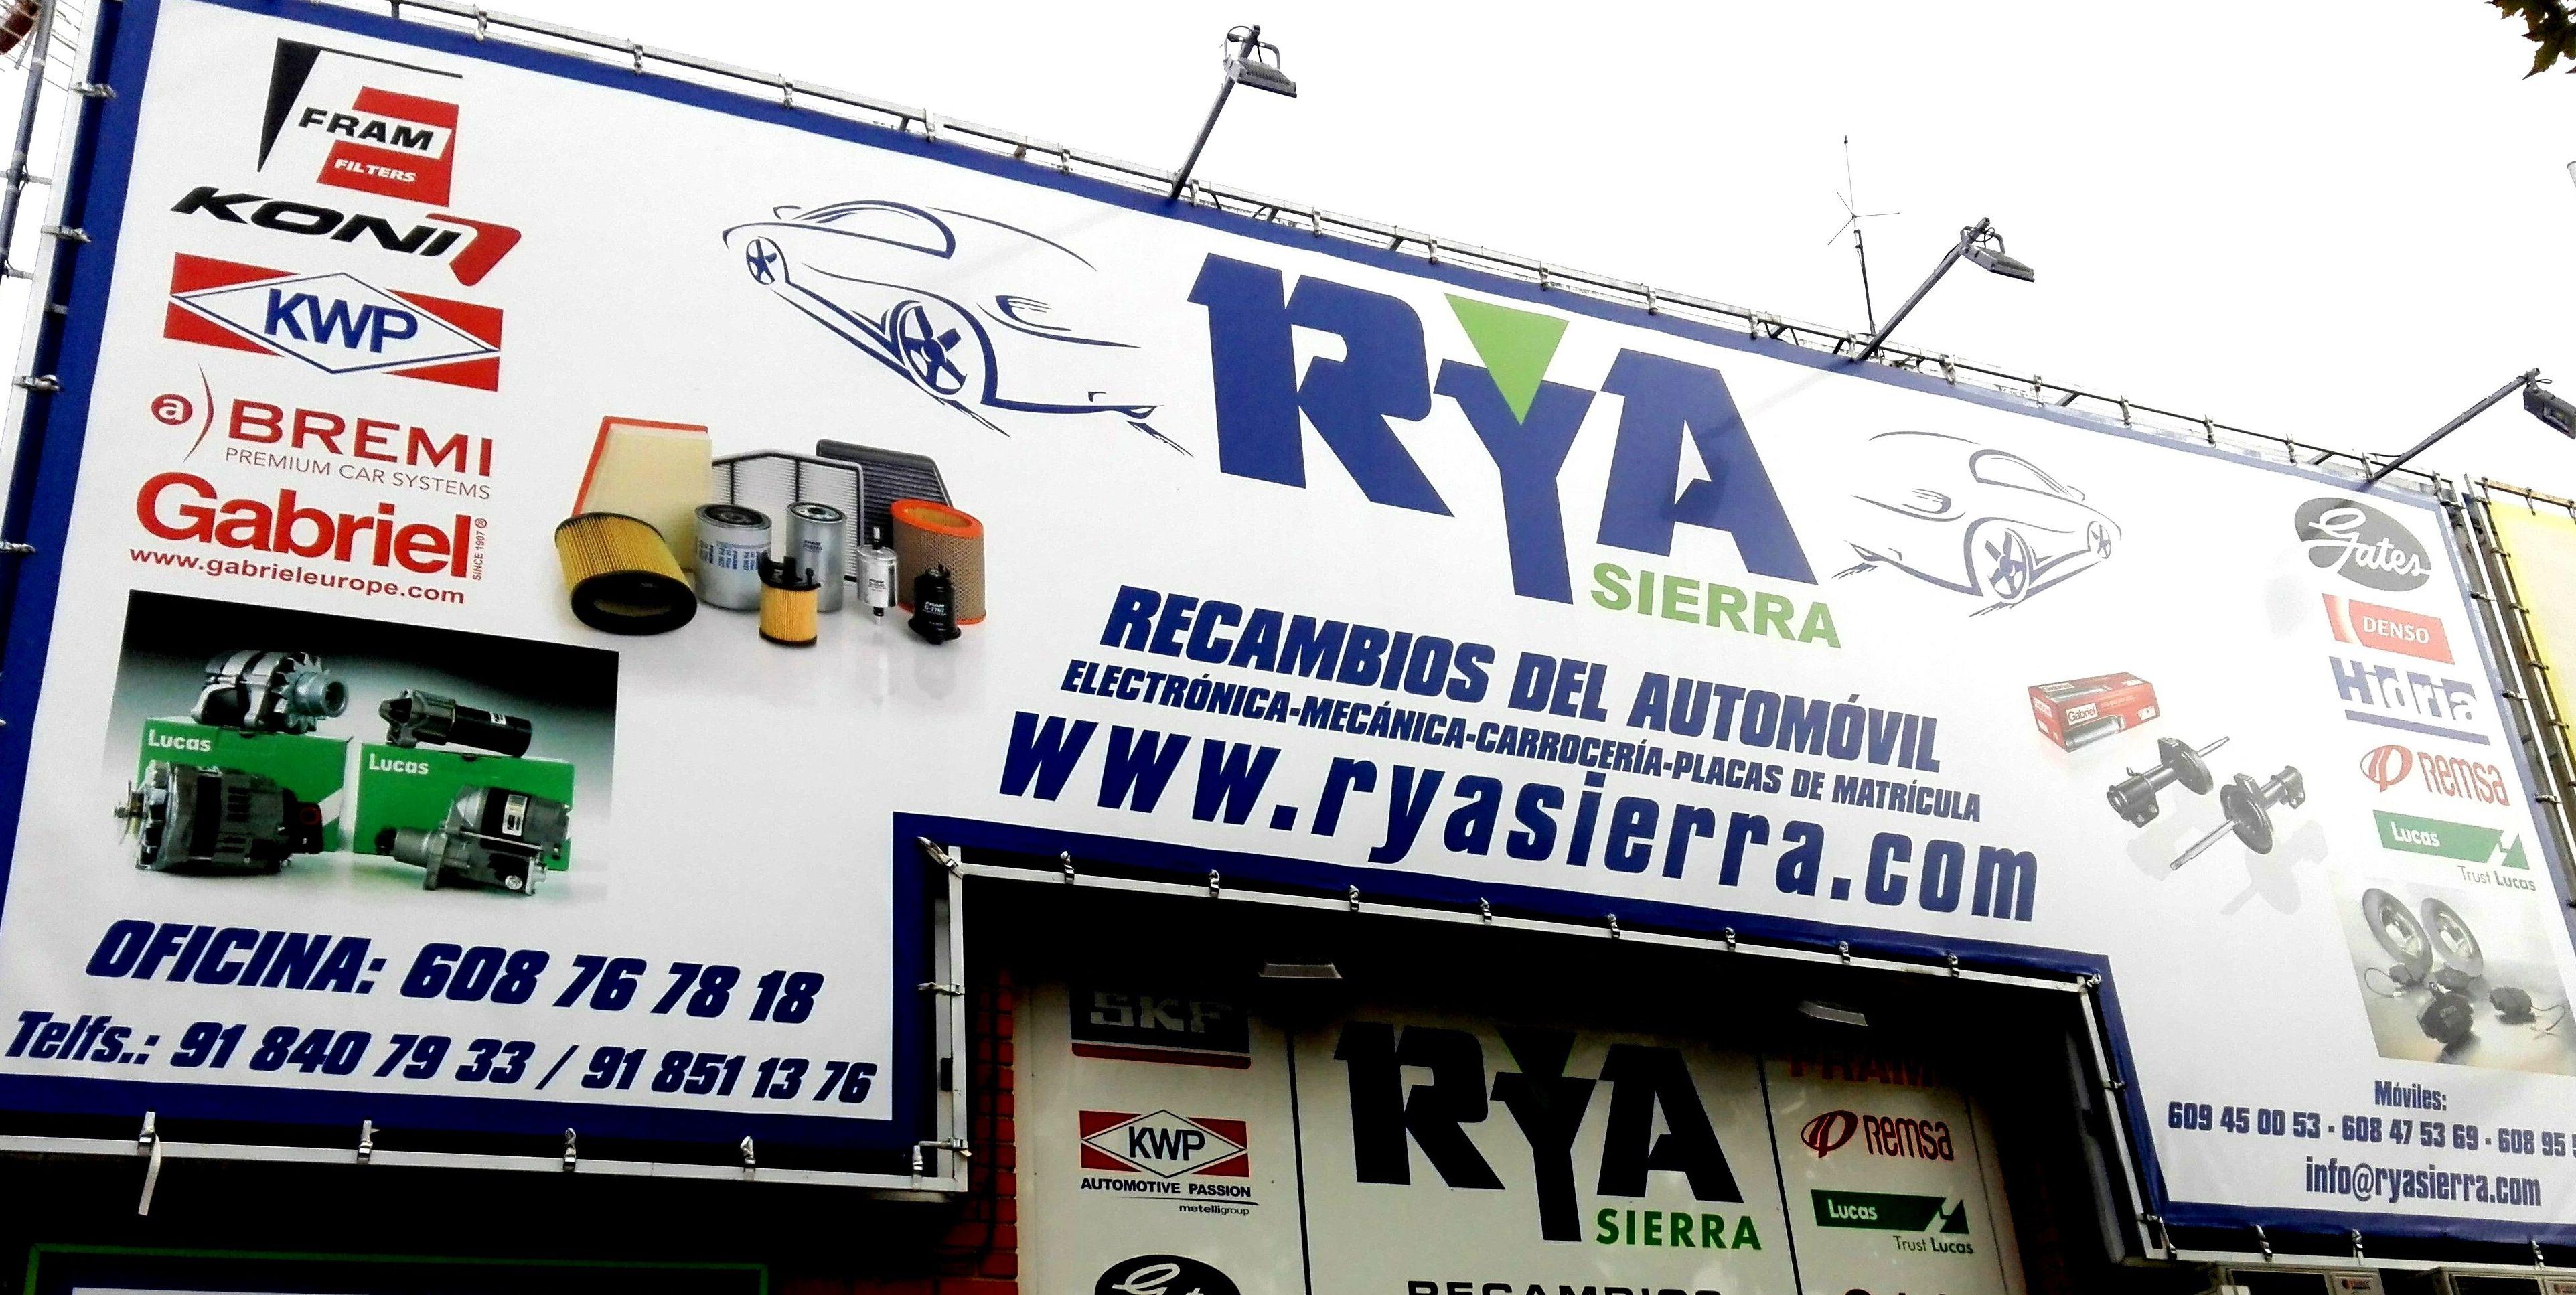 Foto 10 de Recambios para automóviles en Collado Villalba | RyA Sierra